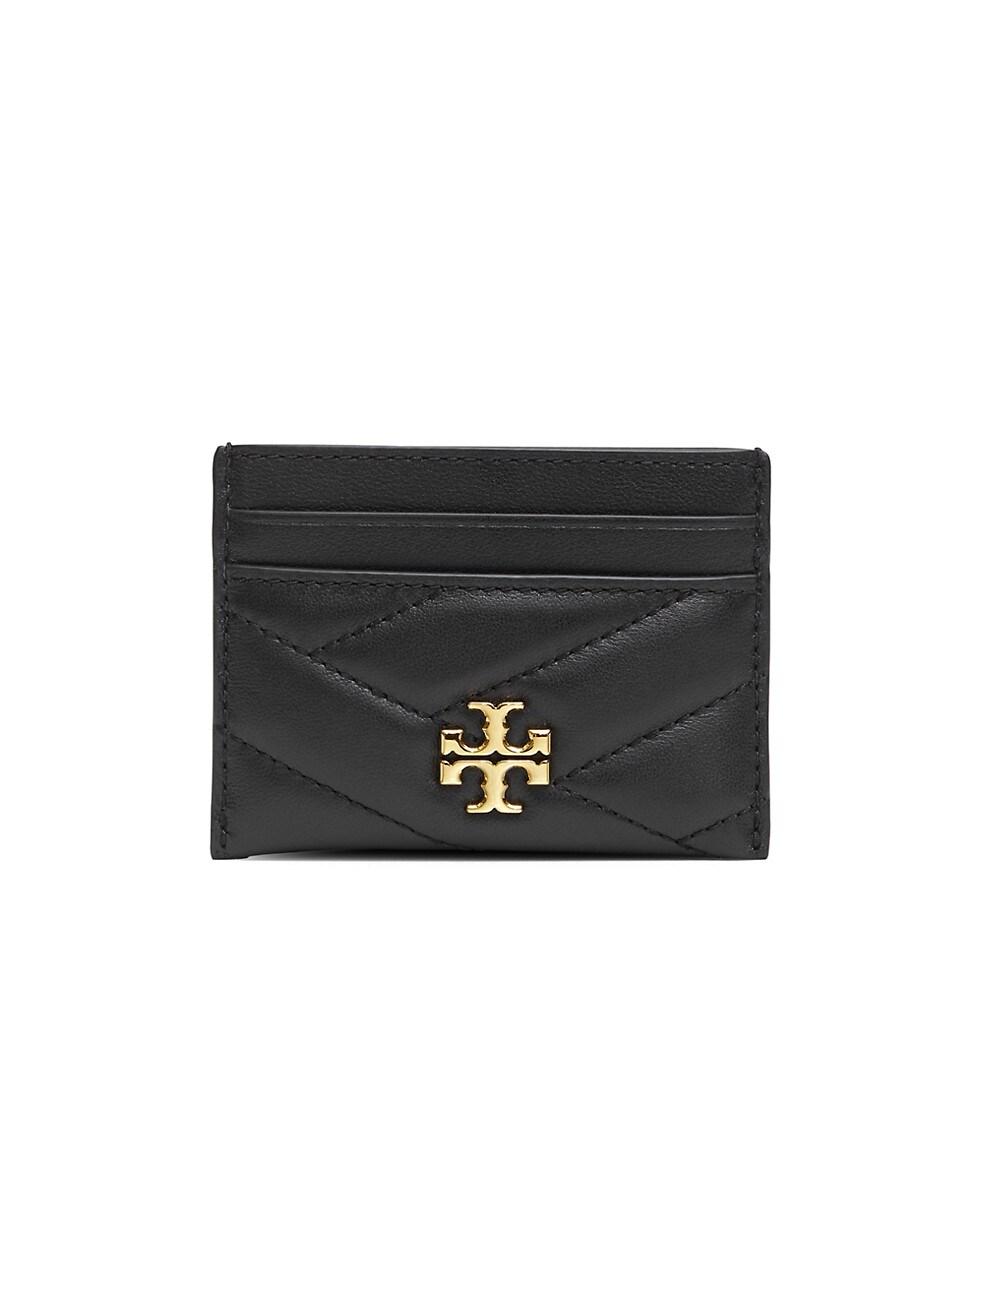 토리버치 카드 지갑 Tory Burch Kira Chevron Leather Card Case,BLACK